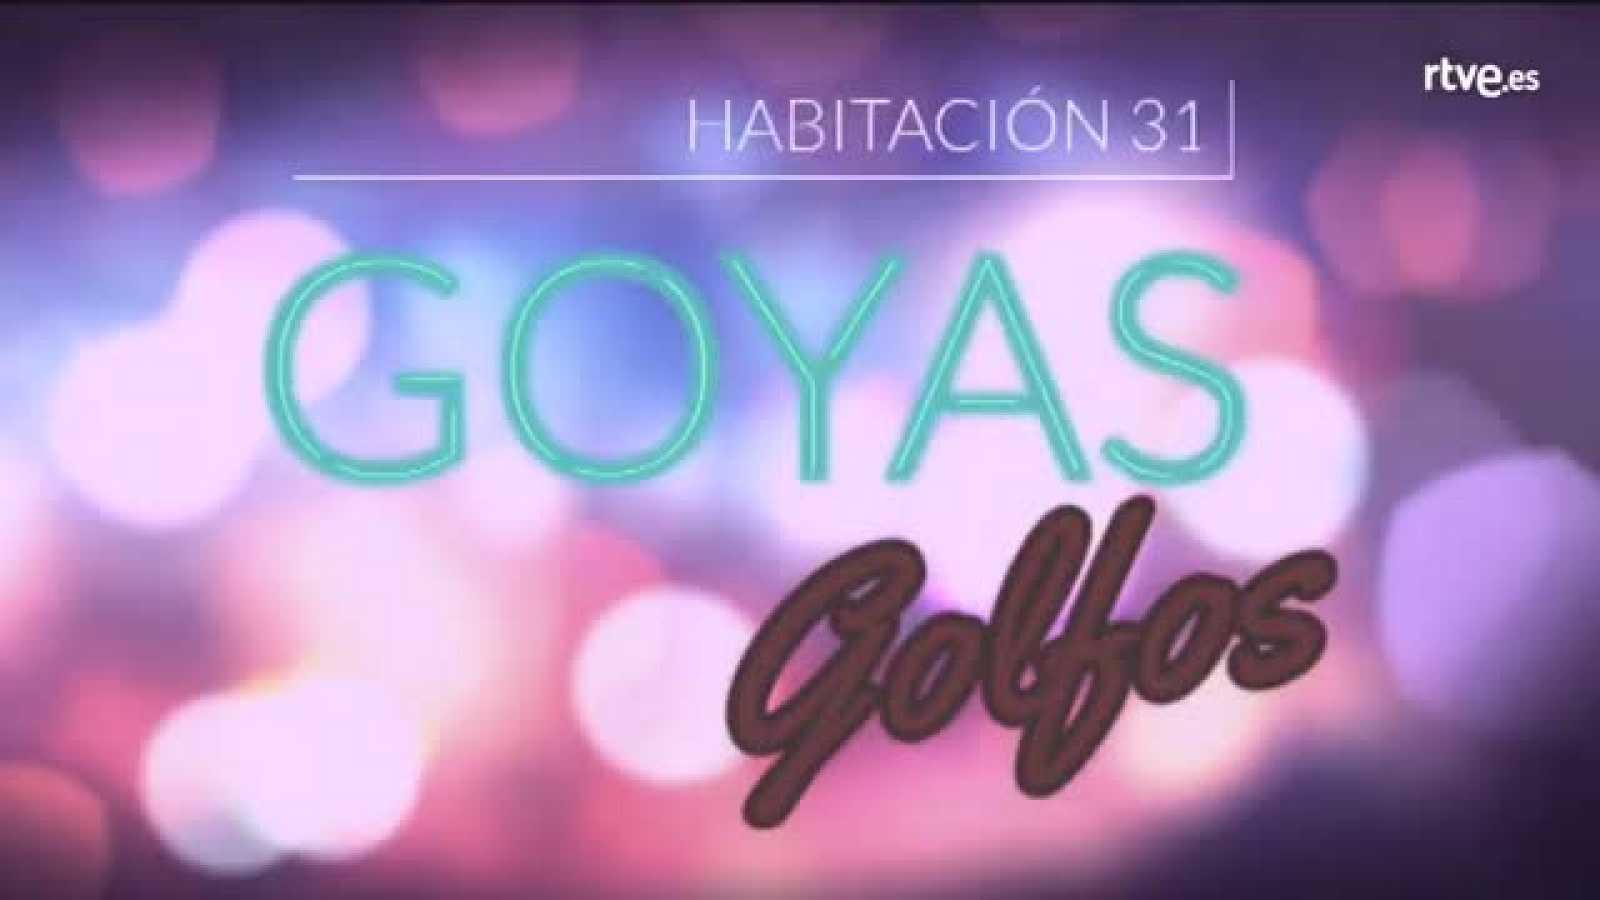 Goyas Golfos 2017 - La gala completa de los Goyas Golfos 2017